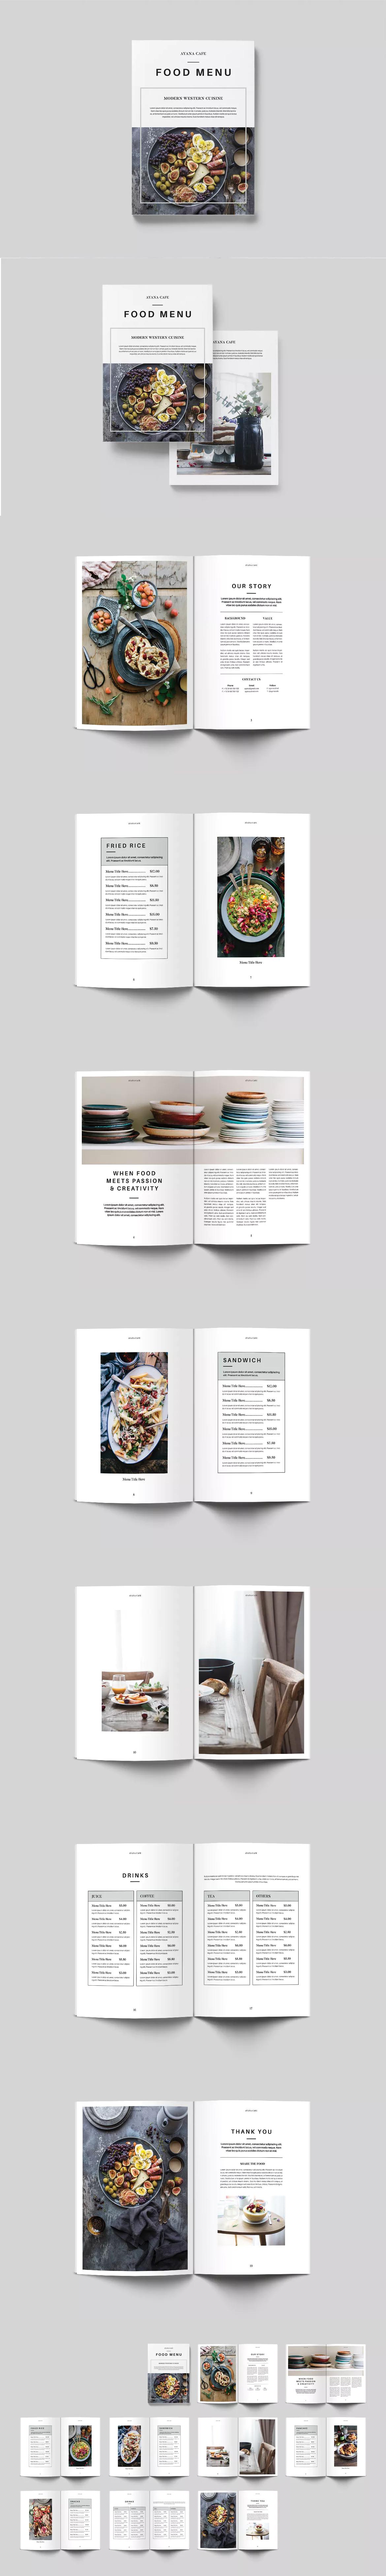 Food Menu Template InDesign INDD - A4 & US Letter | Food Menu ...